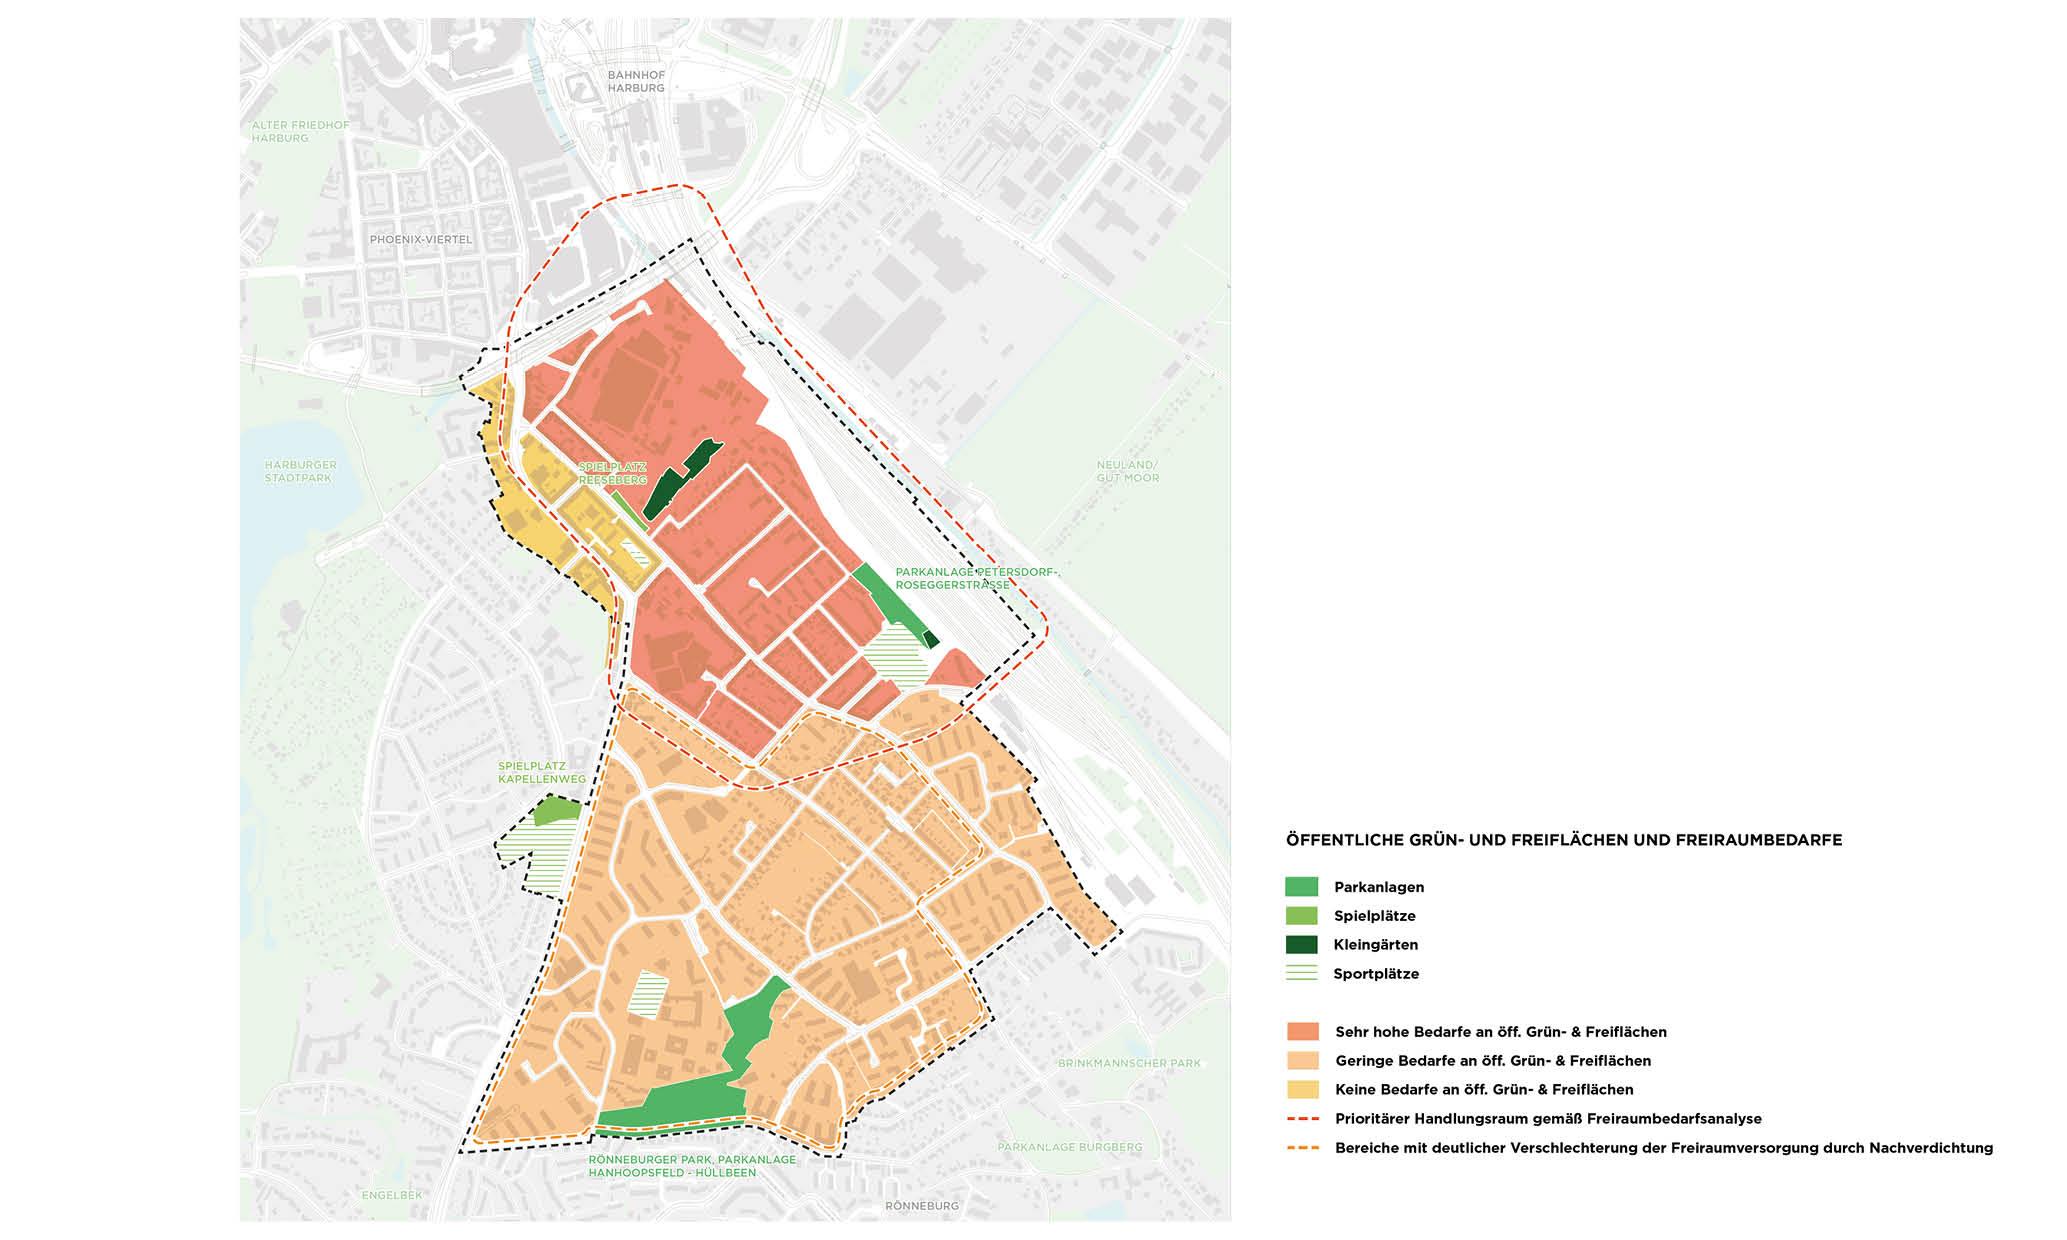 PPA Wilstorf Grünflächen Freiflächen Freiraum Freiraumbedarf Karte